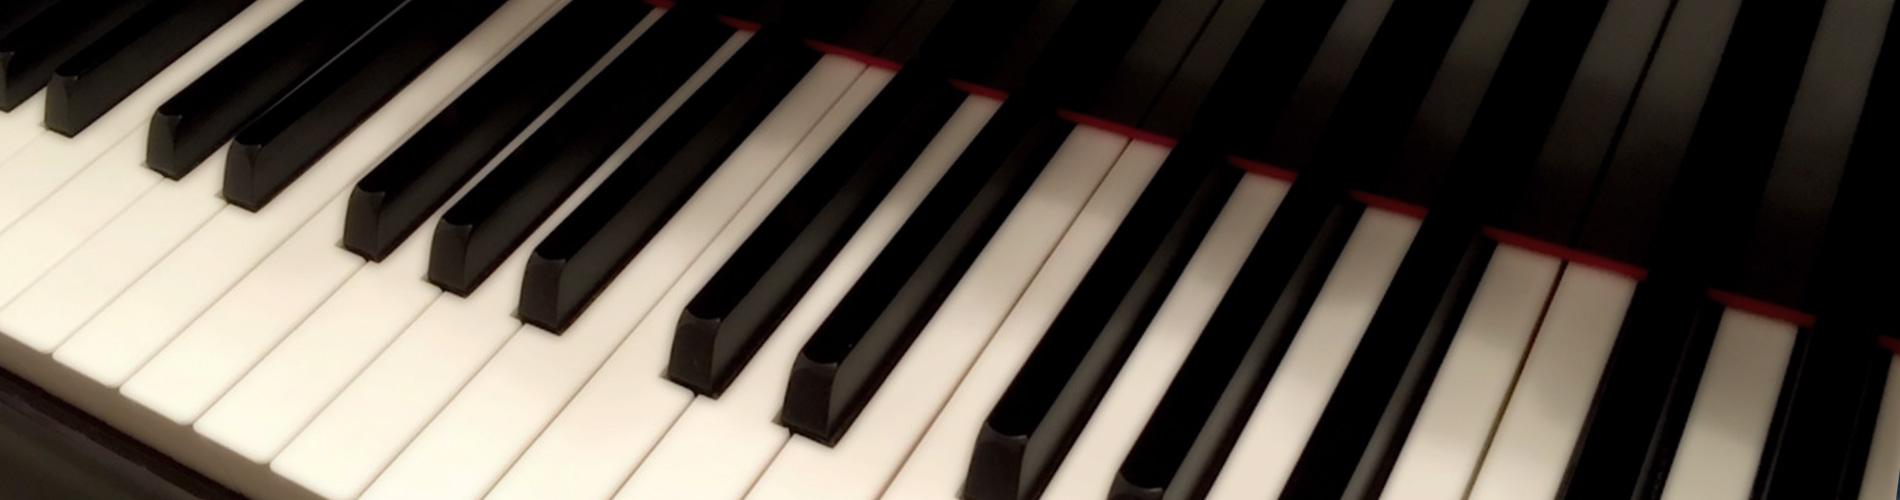 大阪府堺市にあるピアノ教室「はしもとピアノ教室」